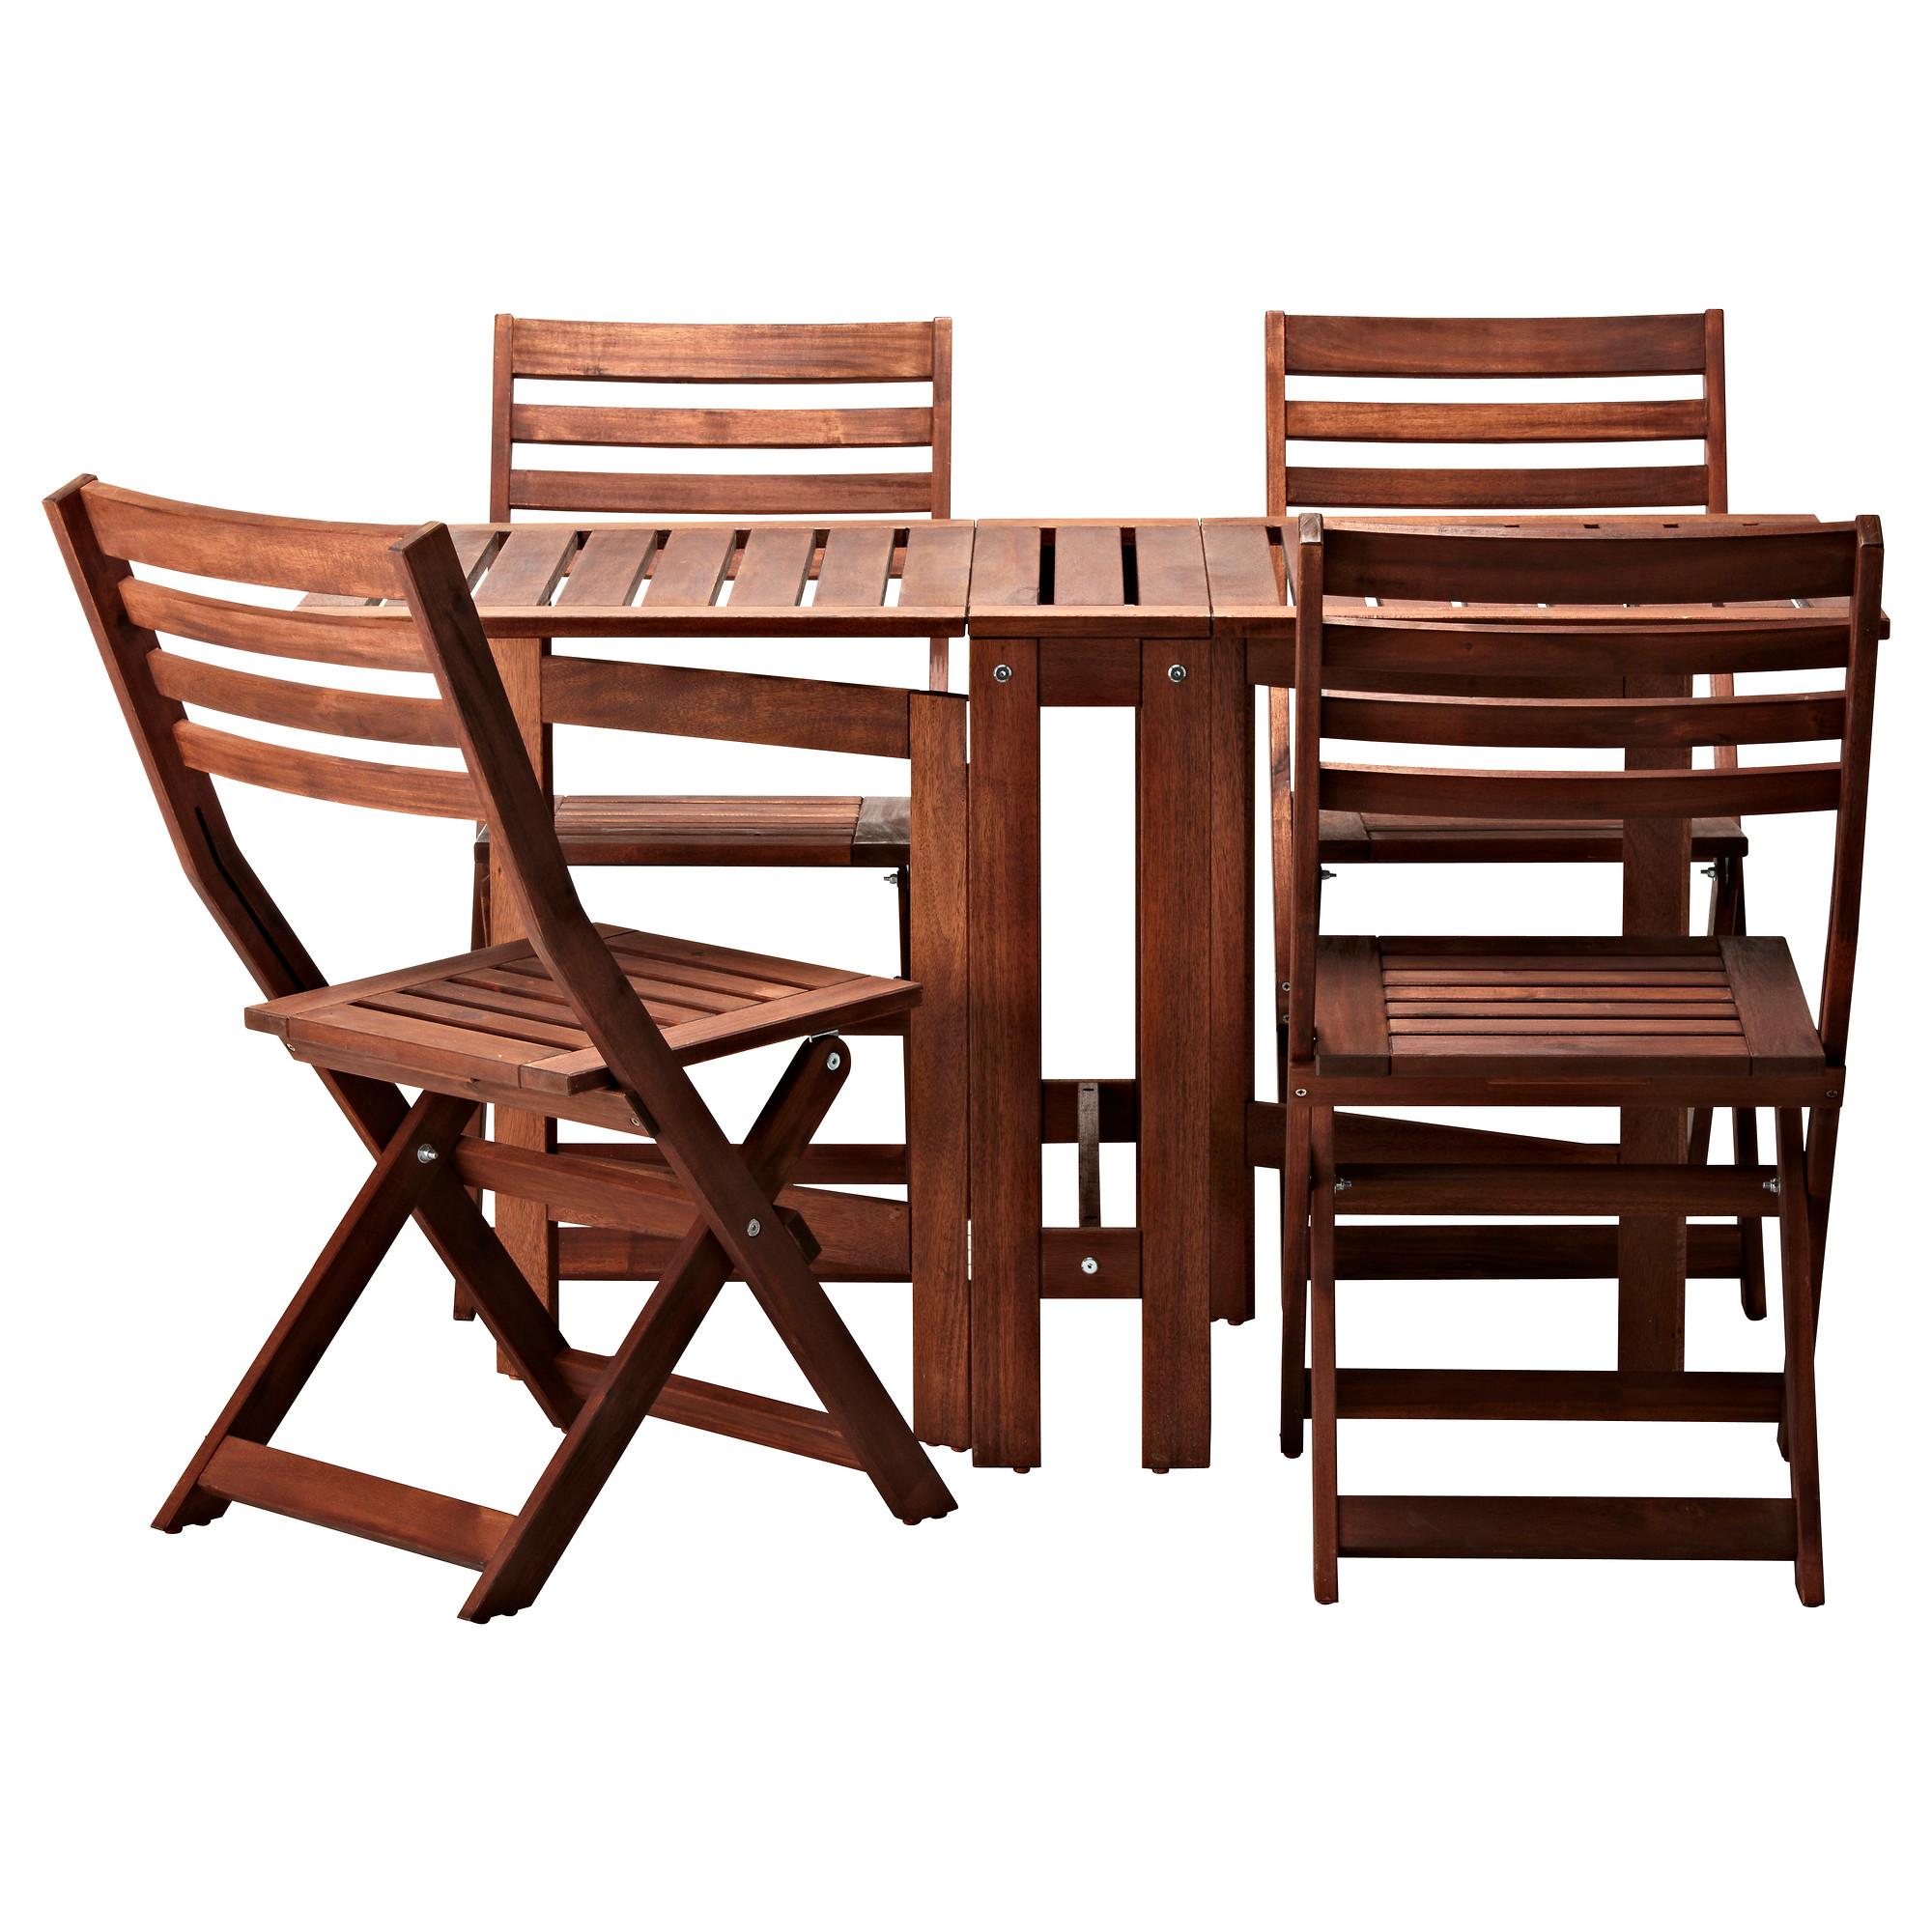 patio furniture ikea photo - 3